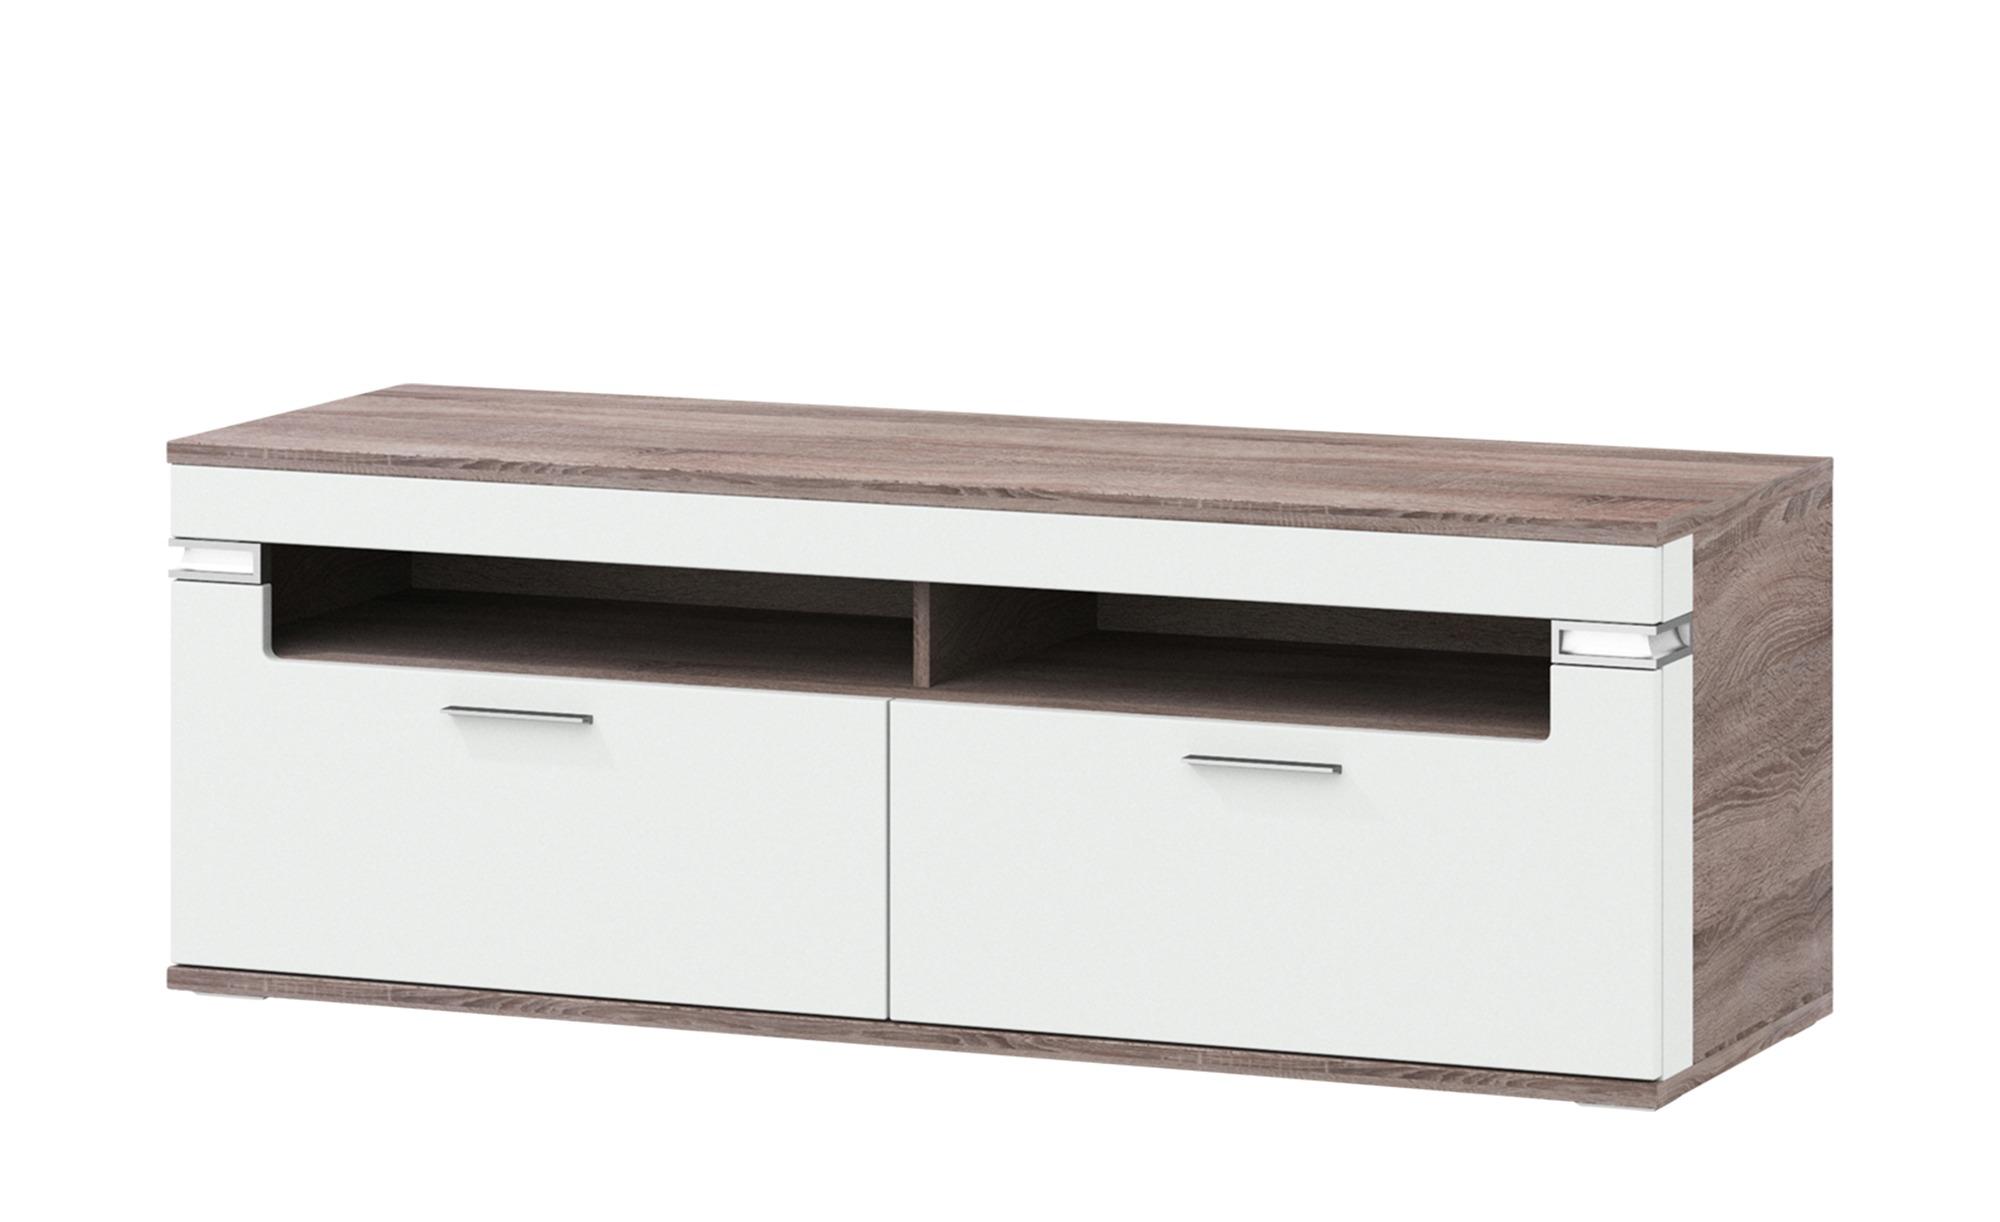 uno Lowboard   Katt ¦ Maße (cm): B: 150 H: 53 T: 51 TV- & Media Möbel > TV-Racks - Höffner